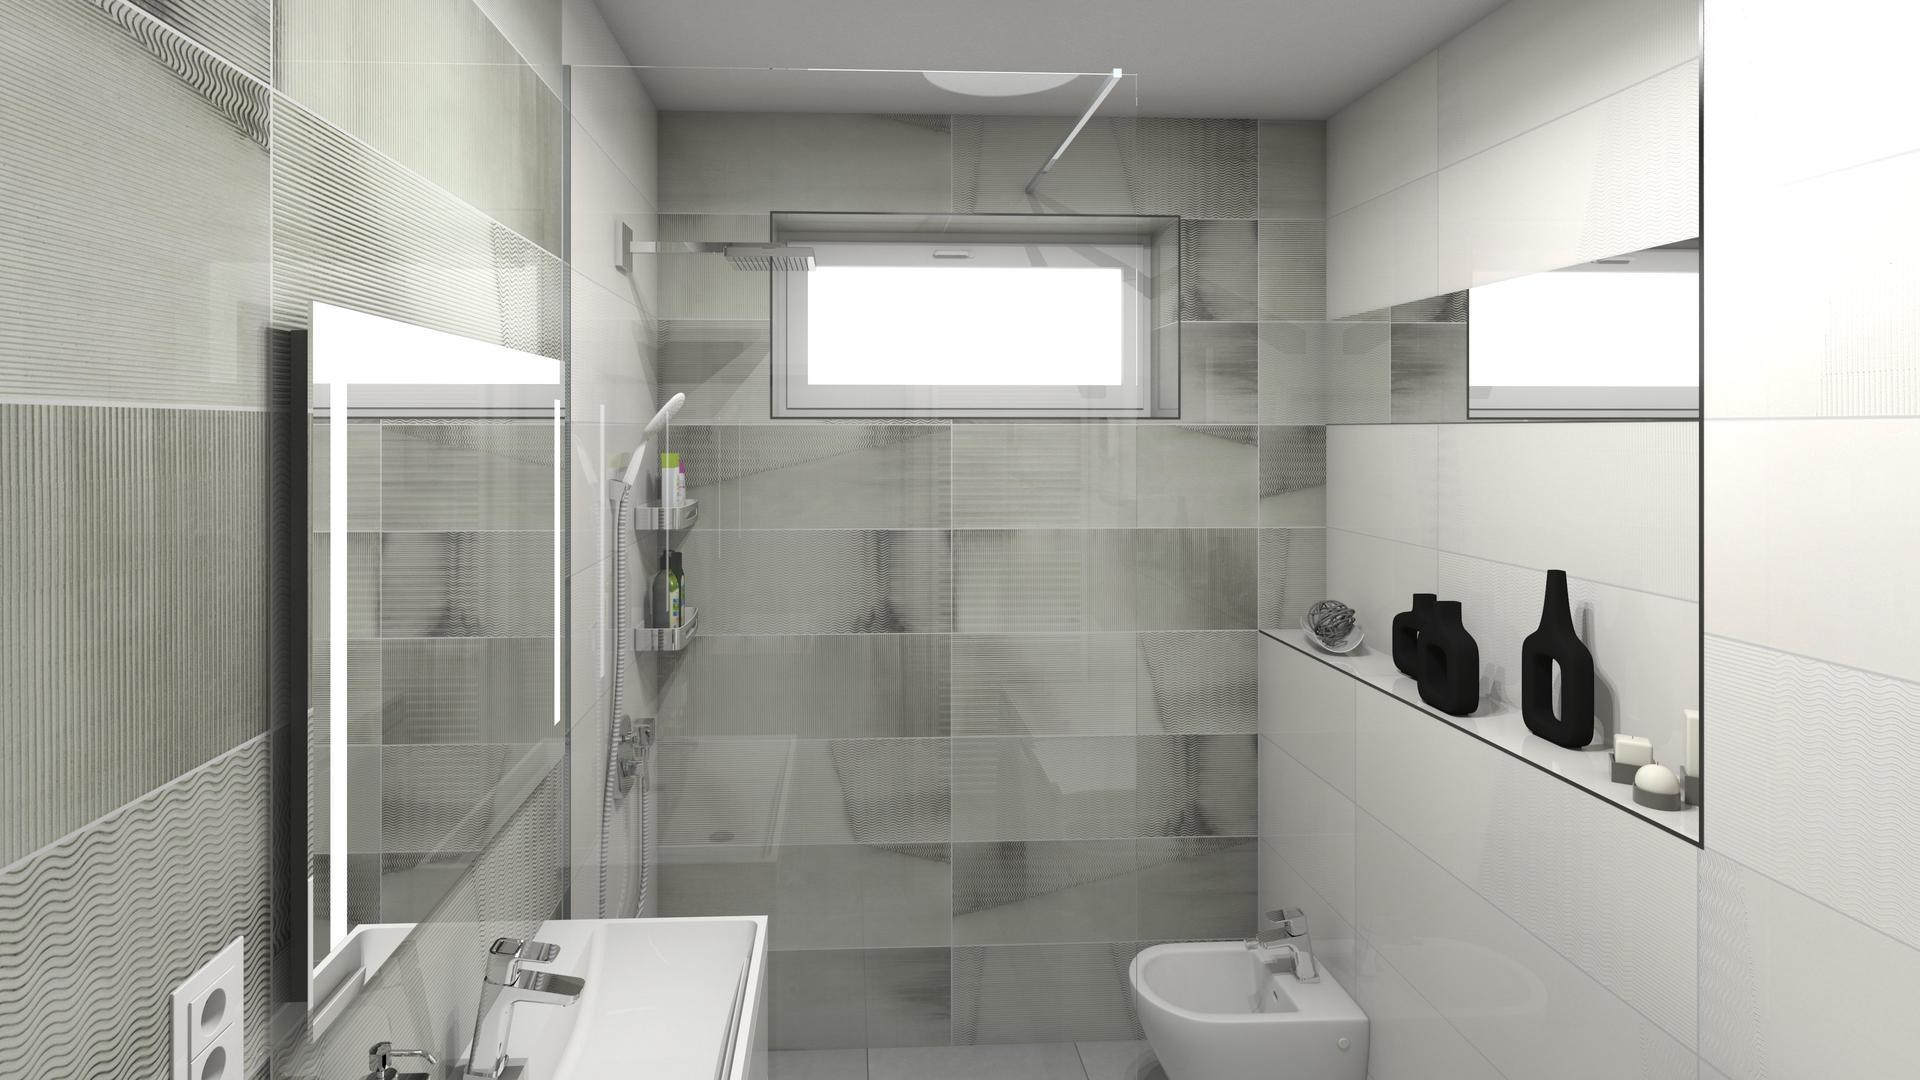 Koupelny a wc - https://www.decons.cz/galerie/koupelny-a-wc/koupelna-10/